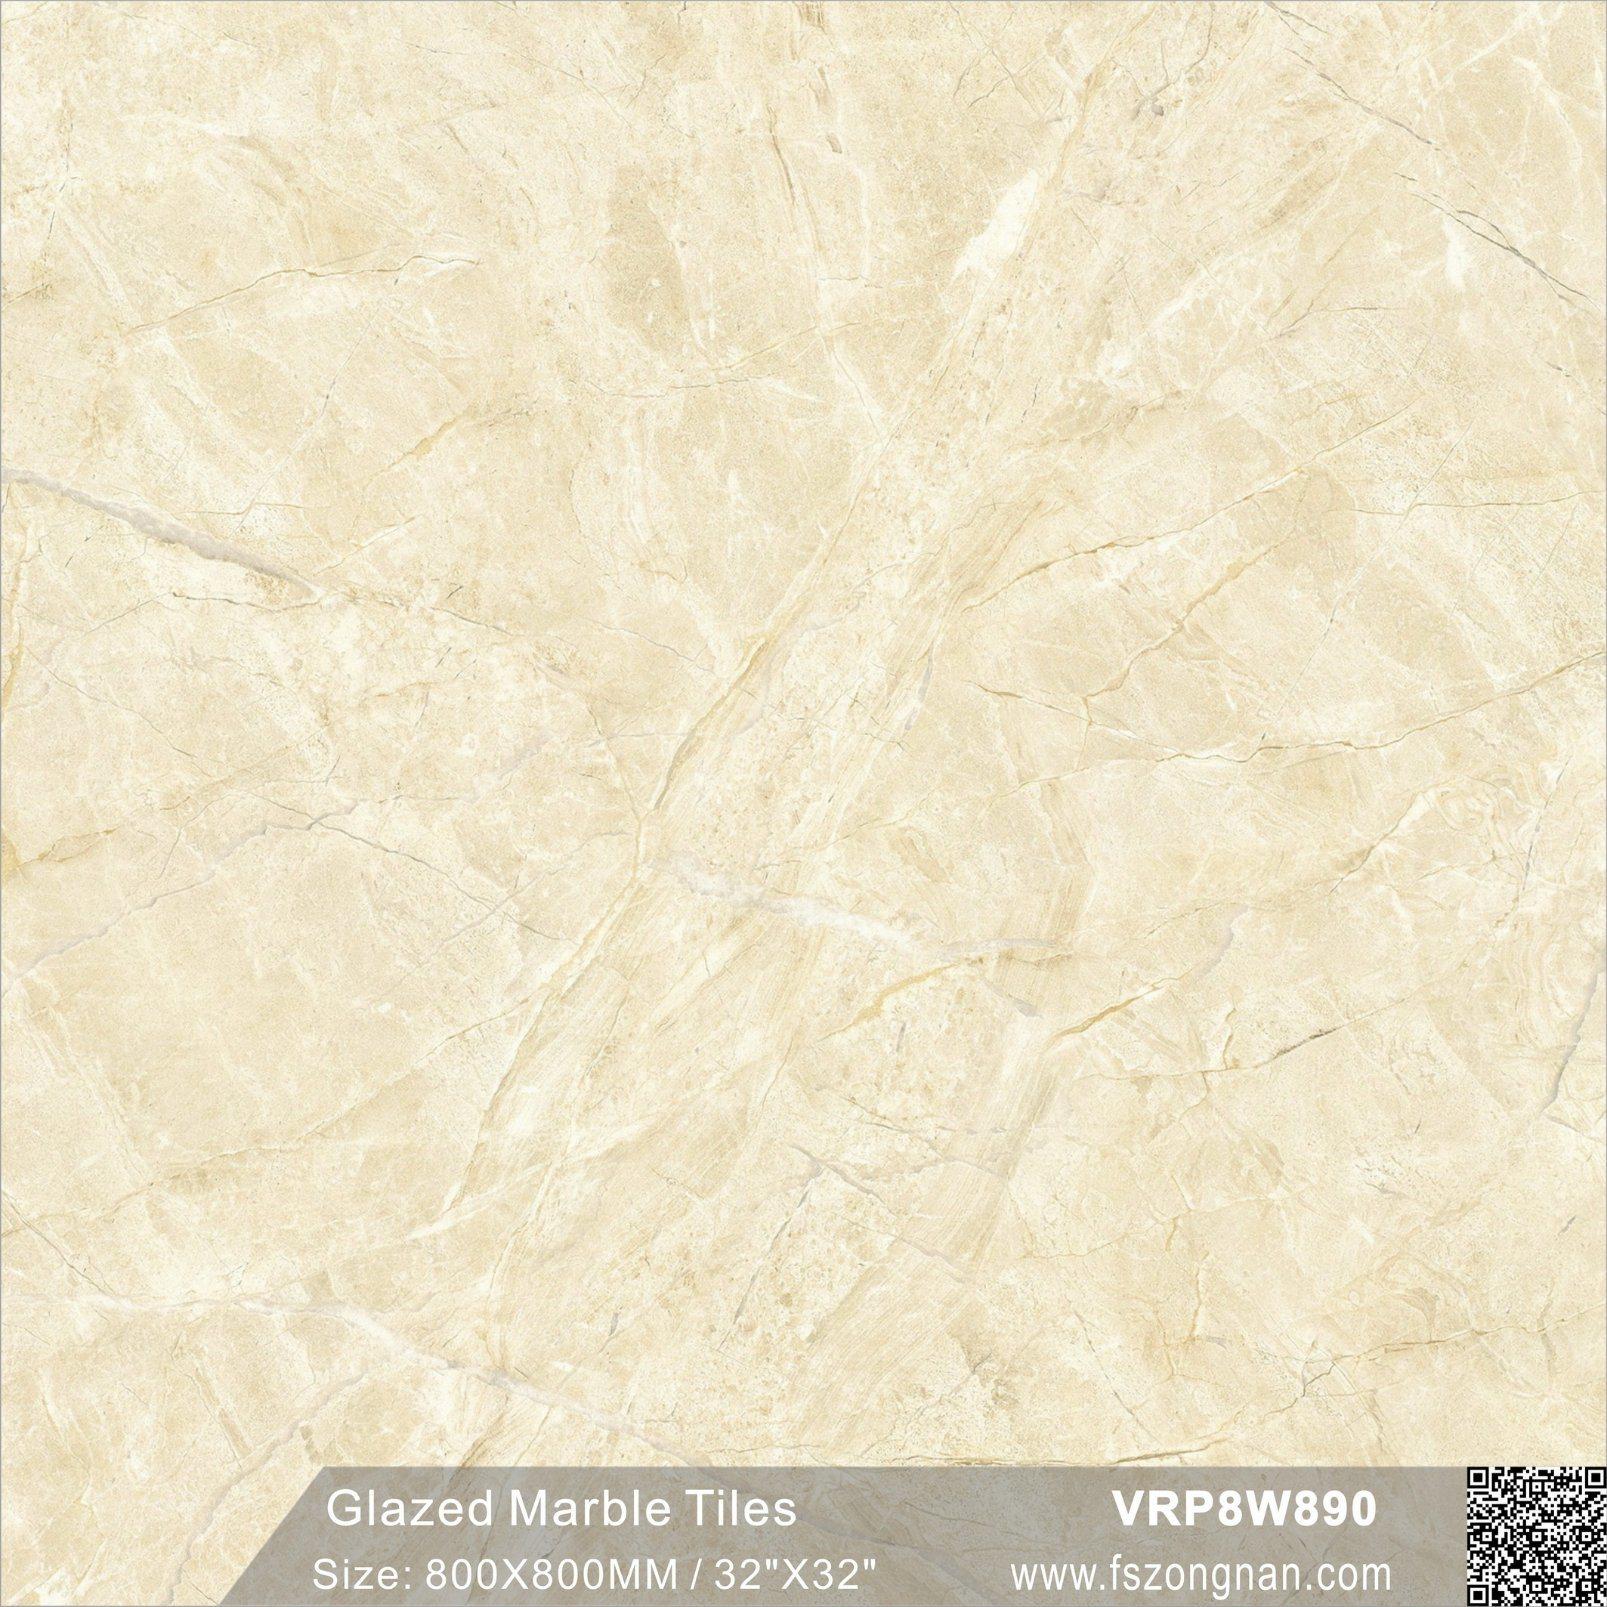 China Marble Polished Porcelain Bathroom Floor Tile (VRP8W890 ...